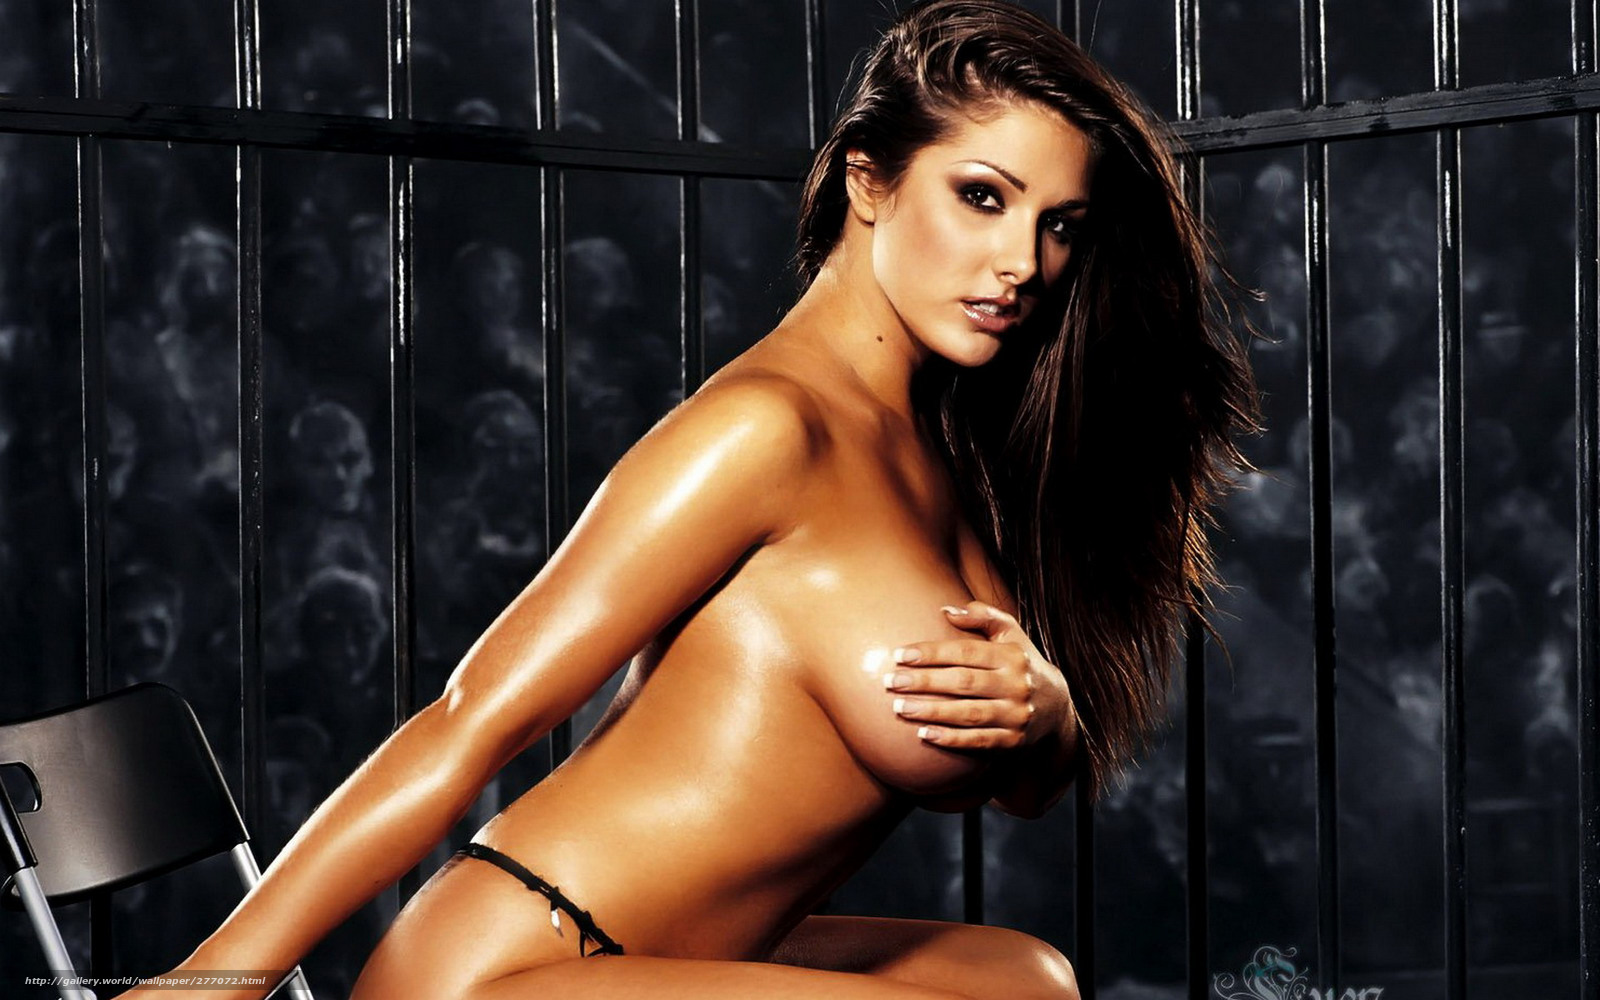 Самая красивая девушка секси 1 фотография